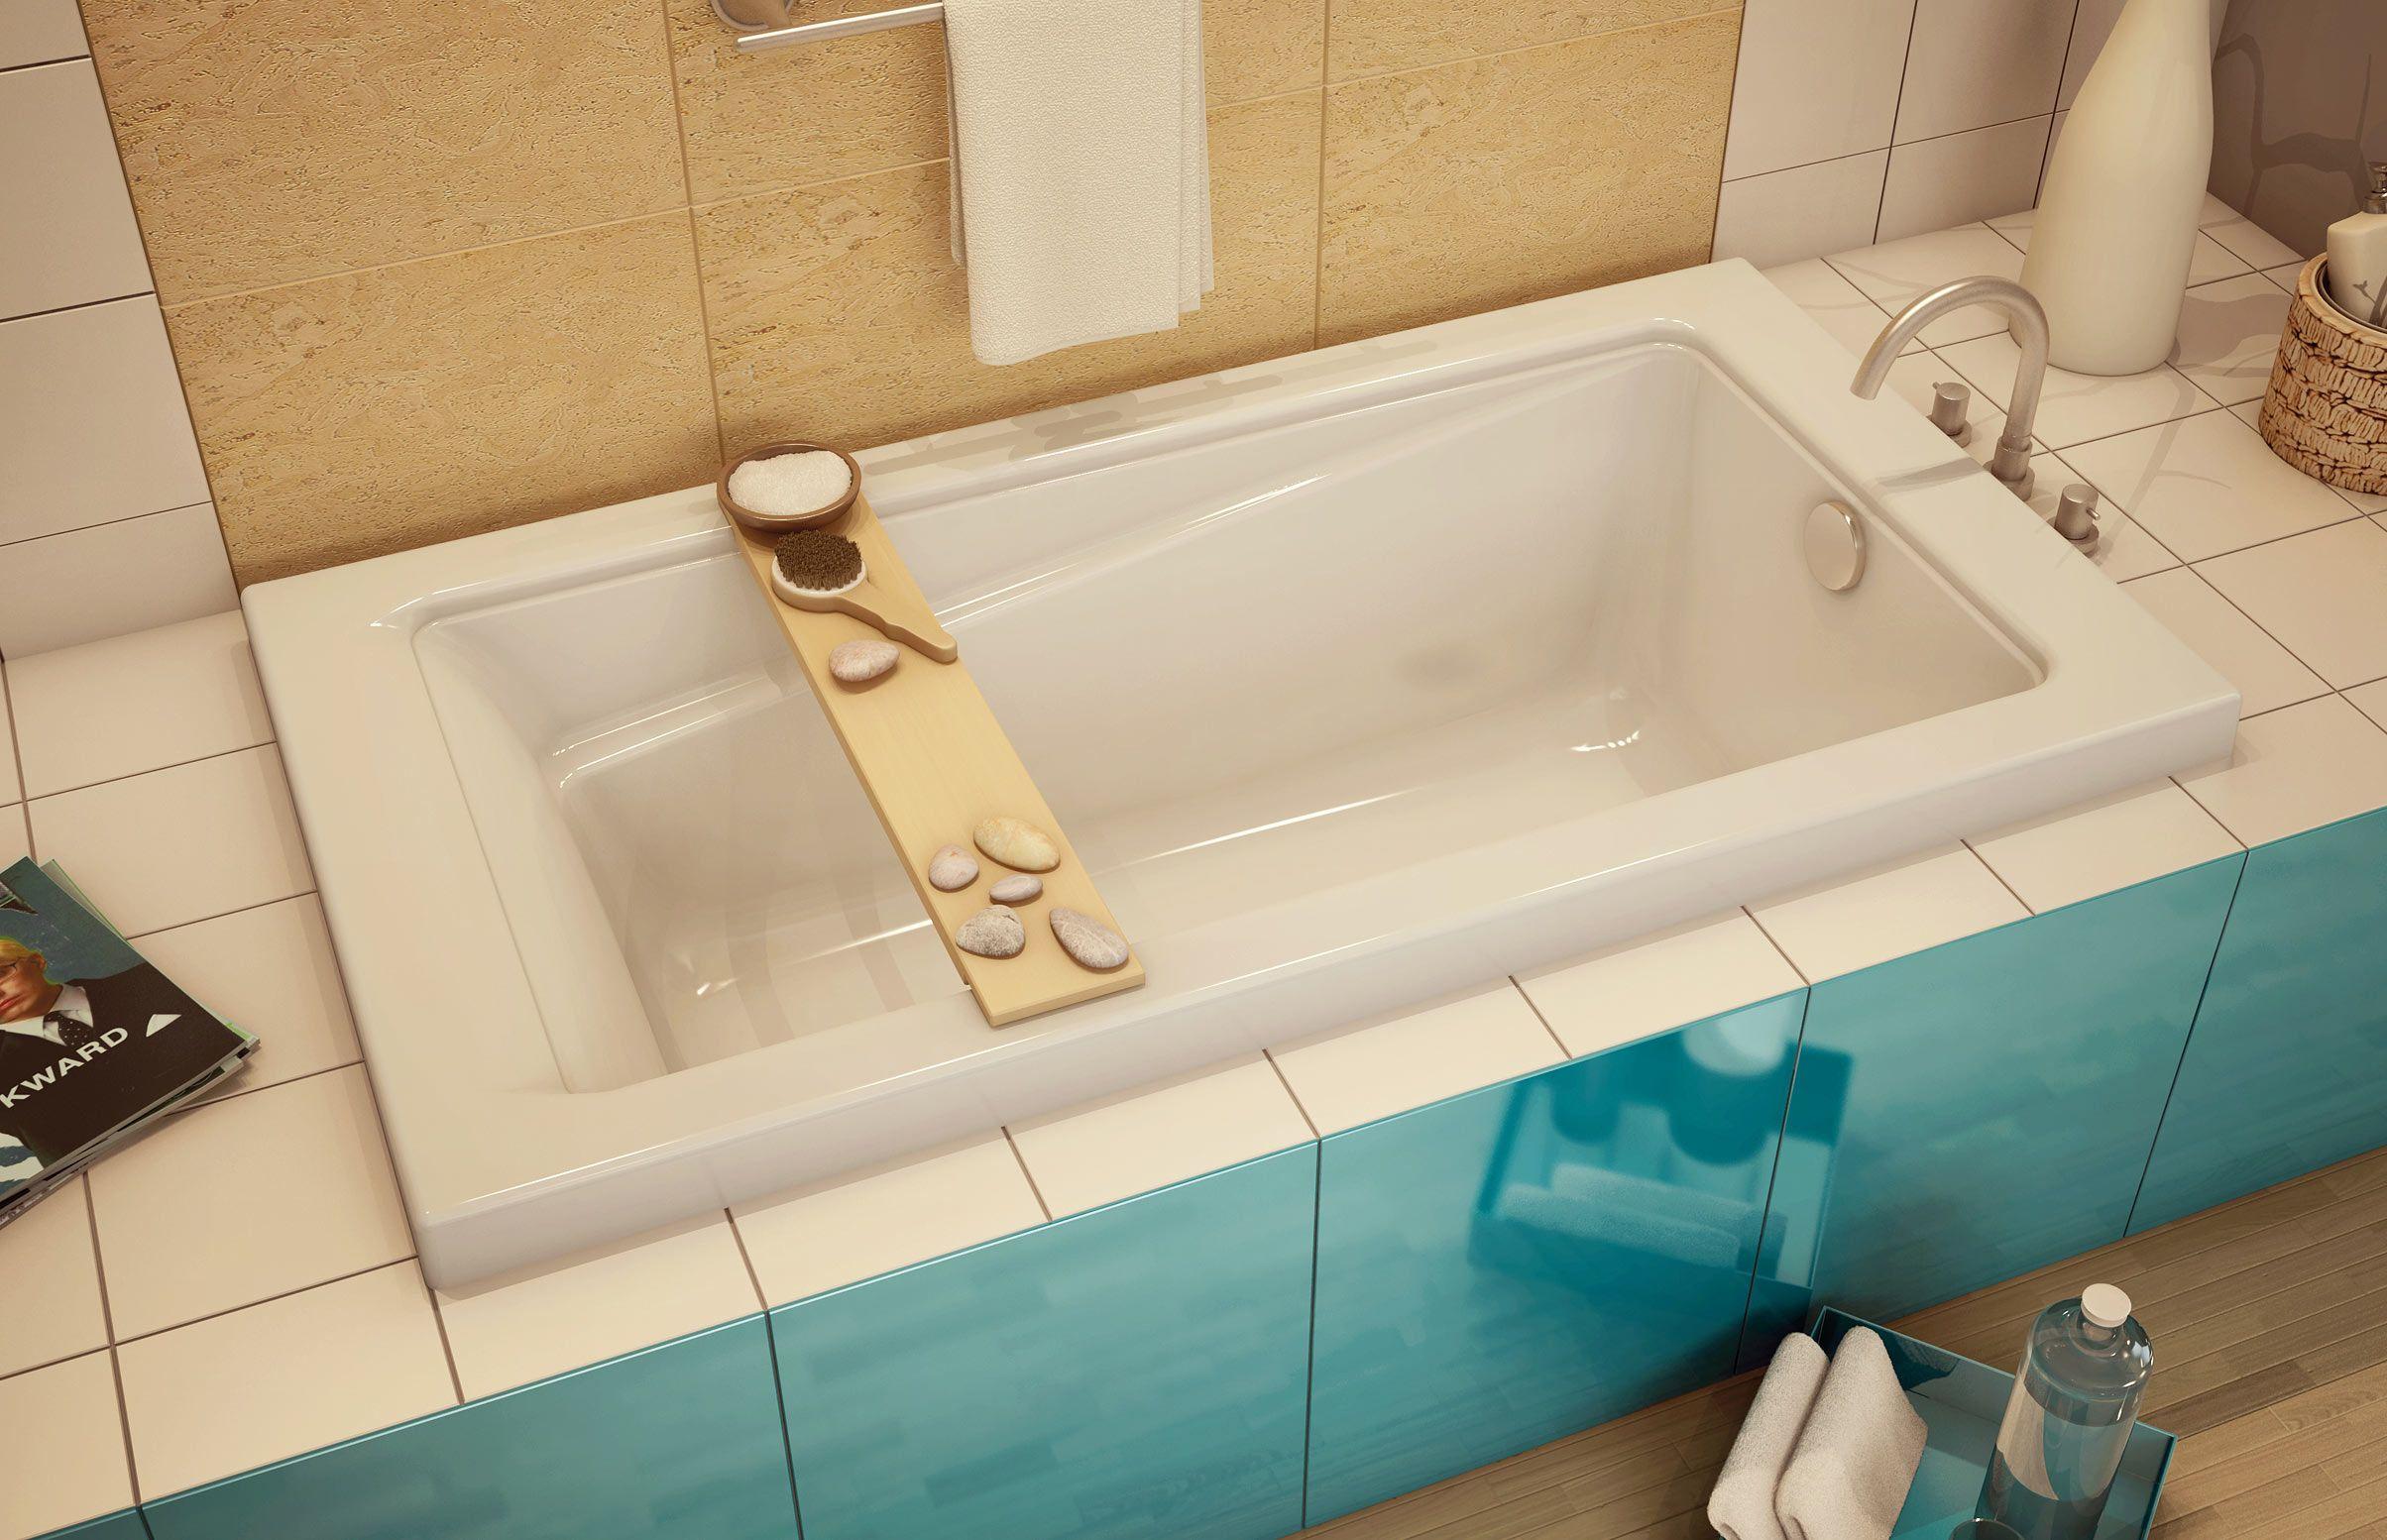 Loft 6032 Alcove Or Drop In Bathtub   Keystone By MAAX